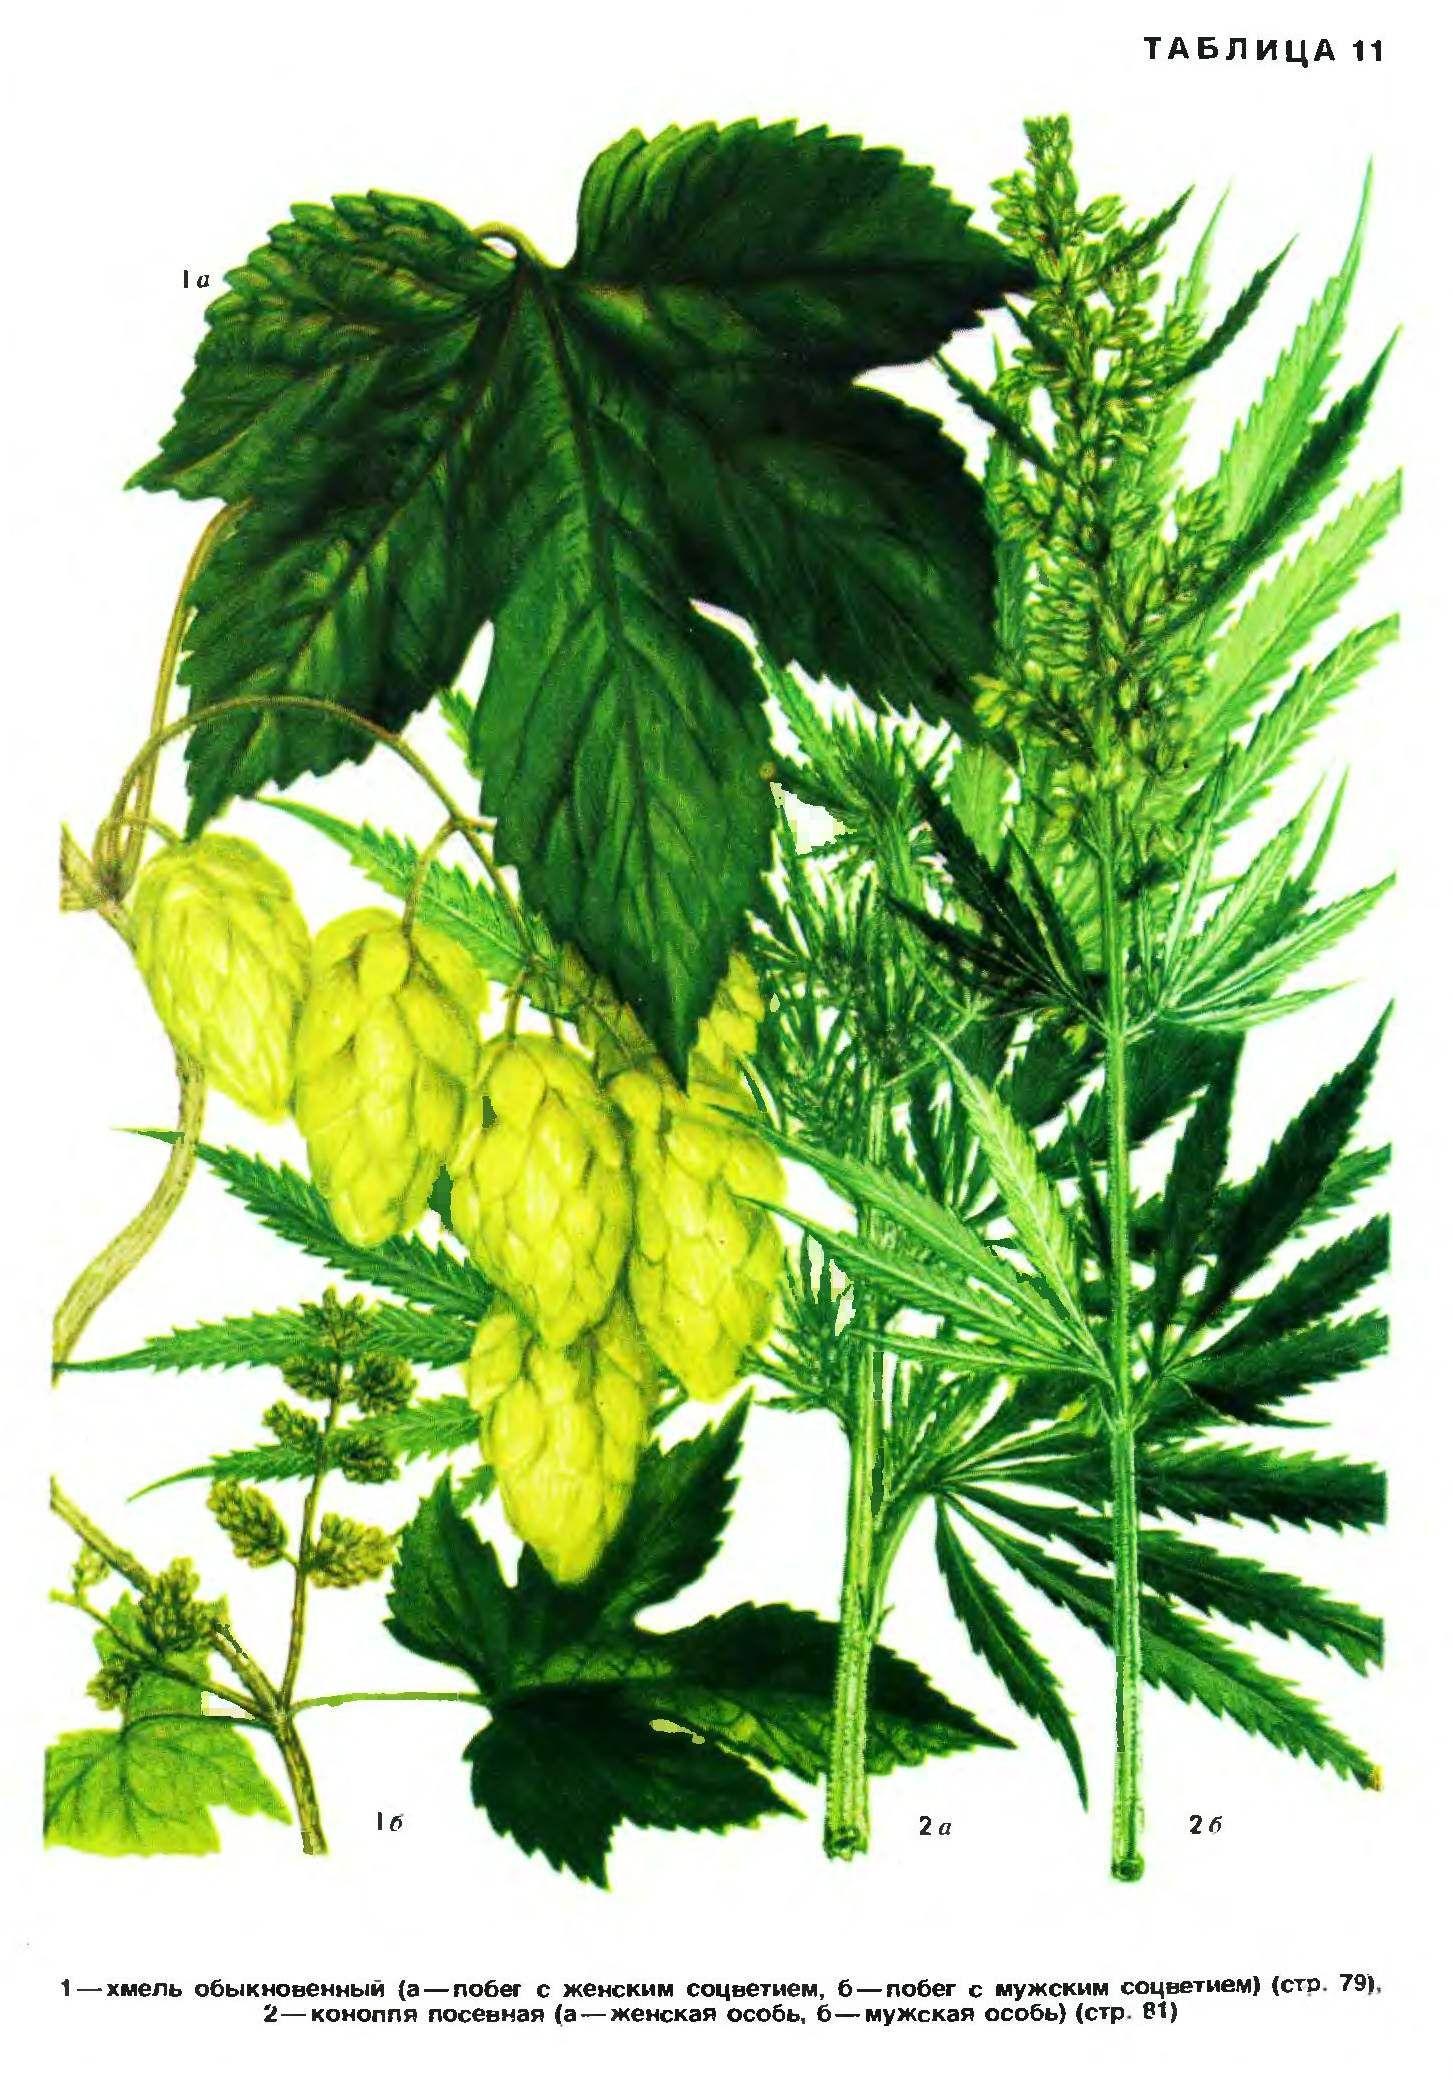 Хмель и конопля автоцветущие марихуаны